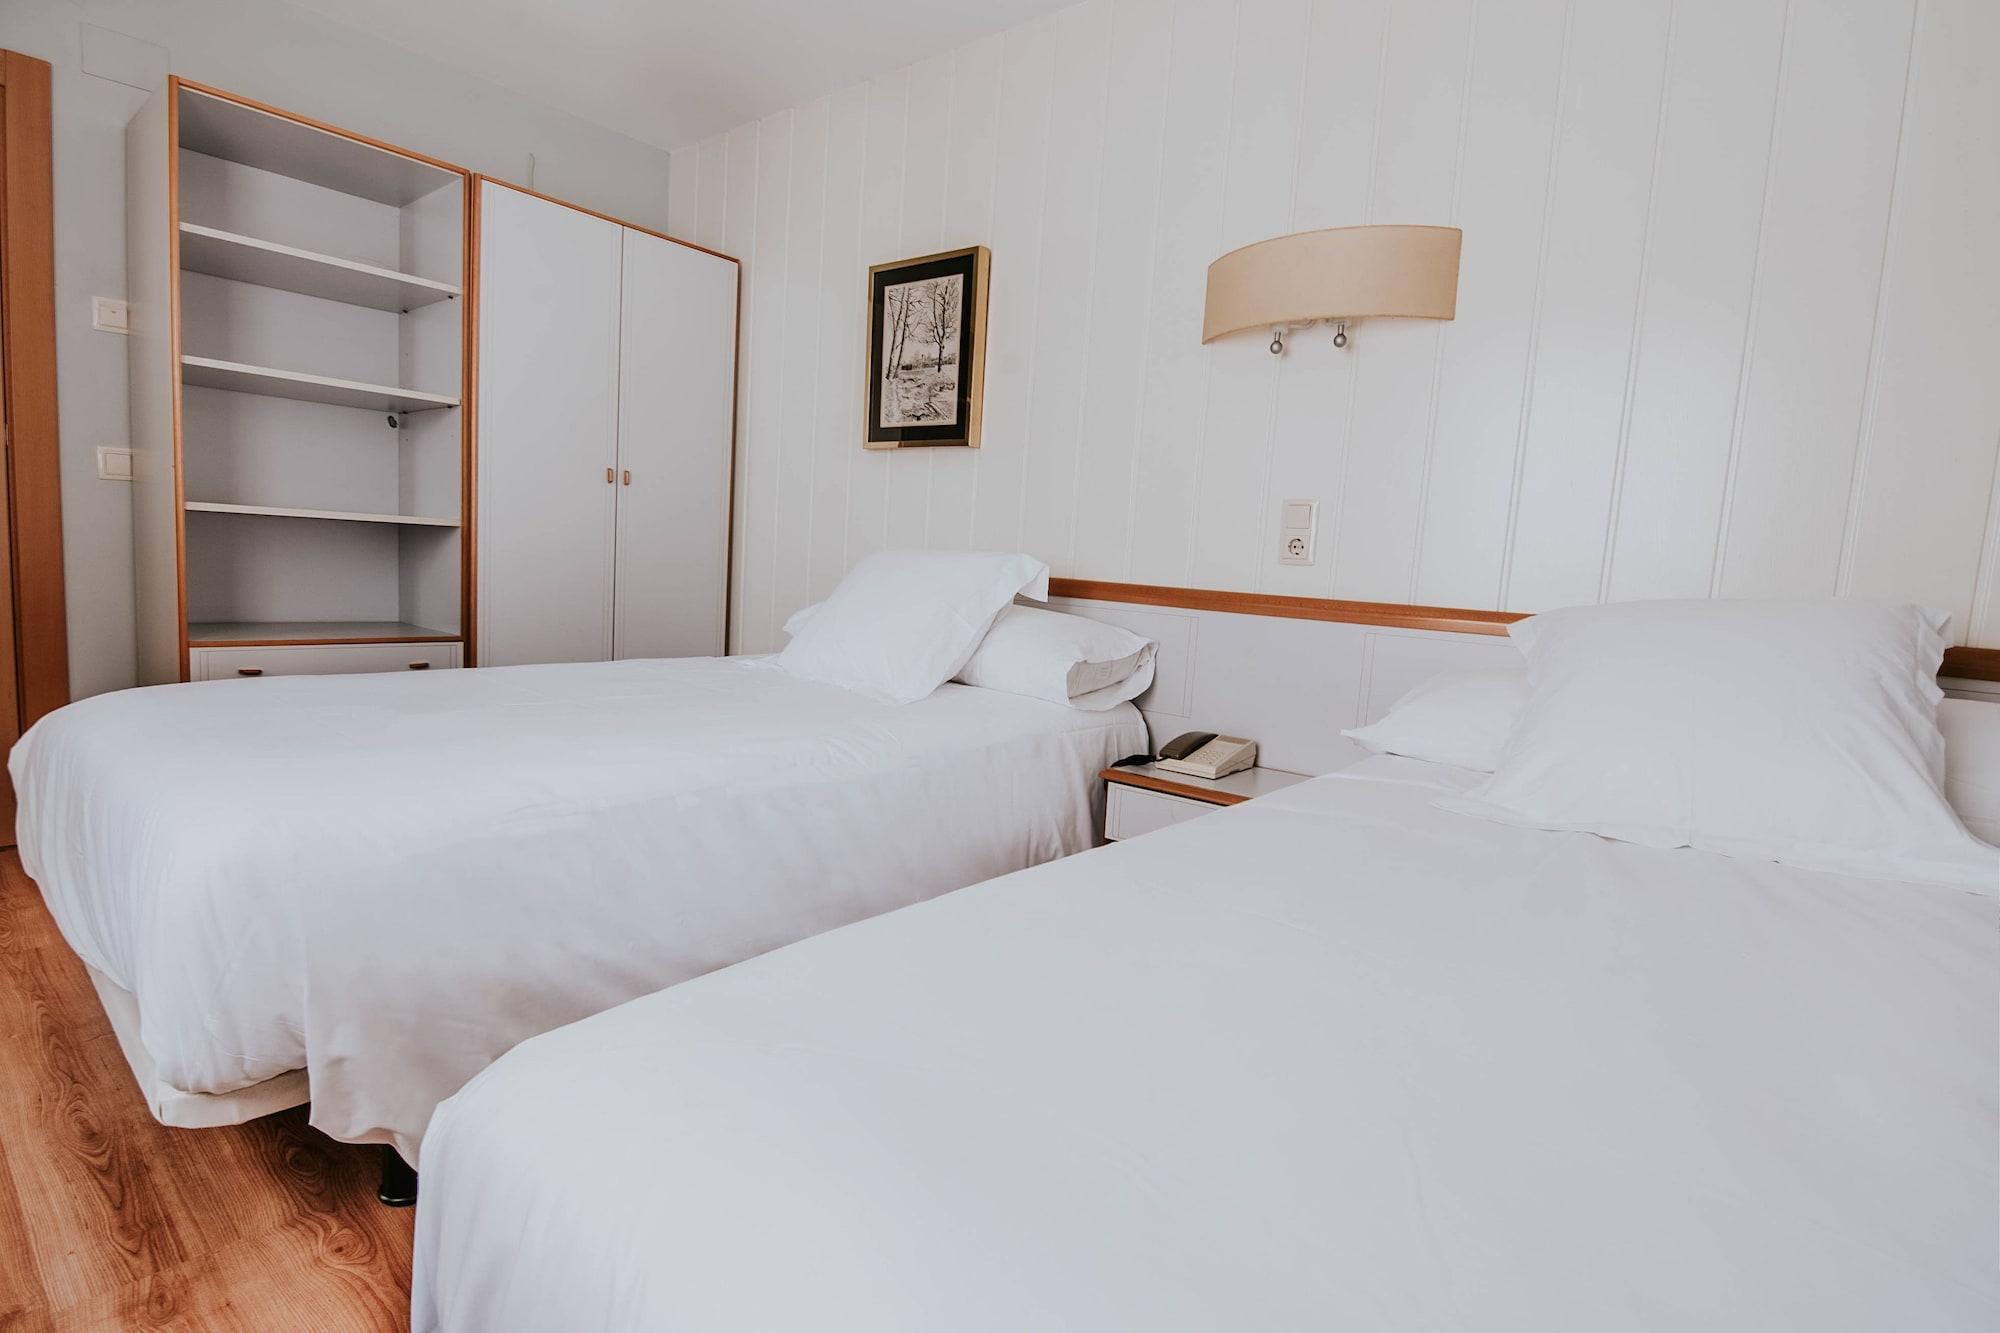 Hotel Isasa, La Rioja